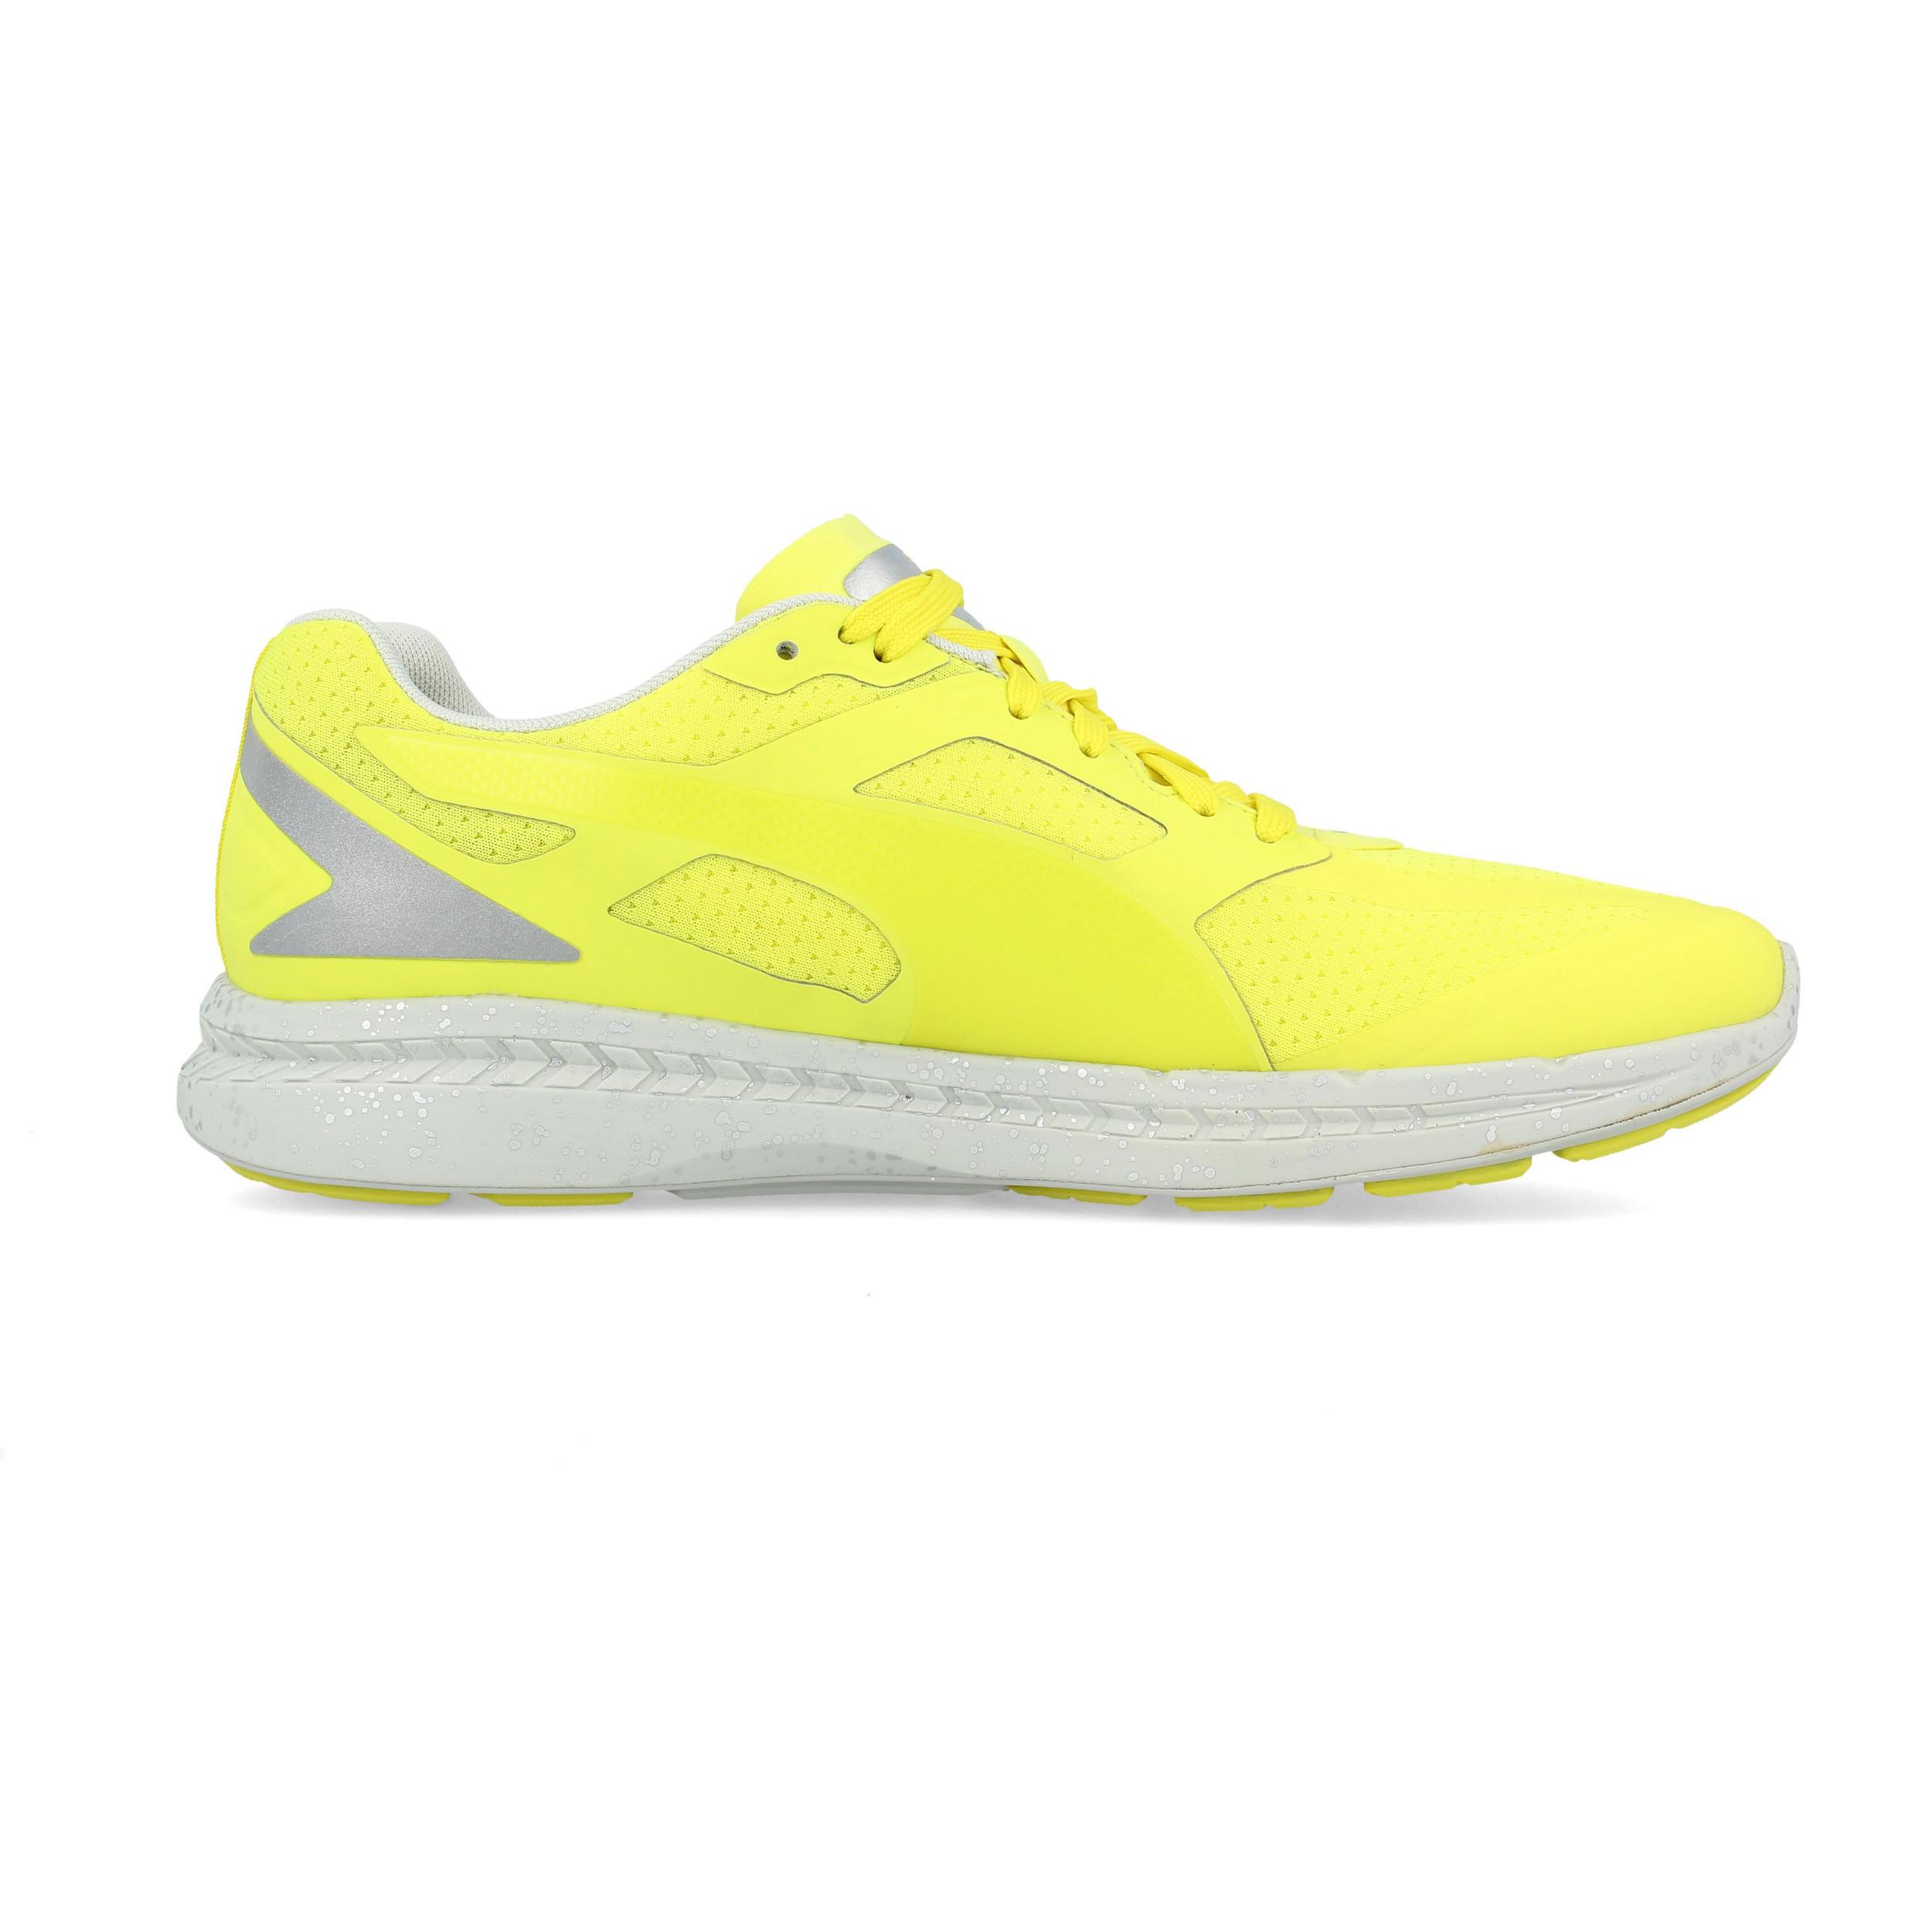 Dettagli su PUMA Uomo Ignite Fast Forward Scarpe Da Corsa Ginnastica Sport Sneakers Giallo